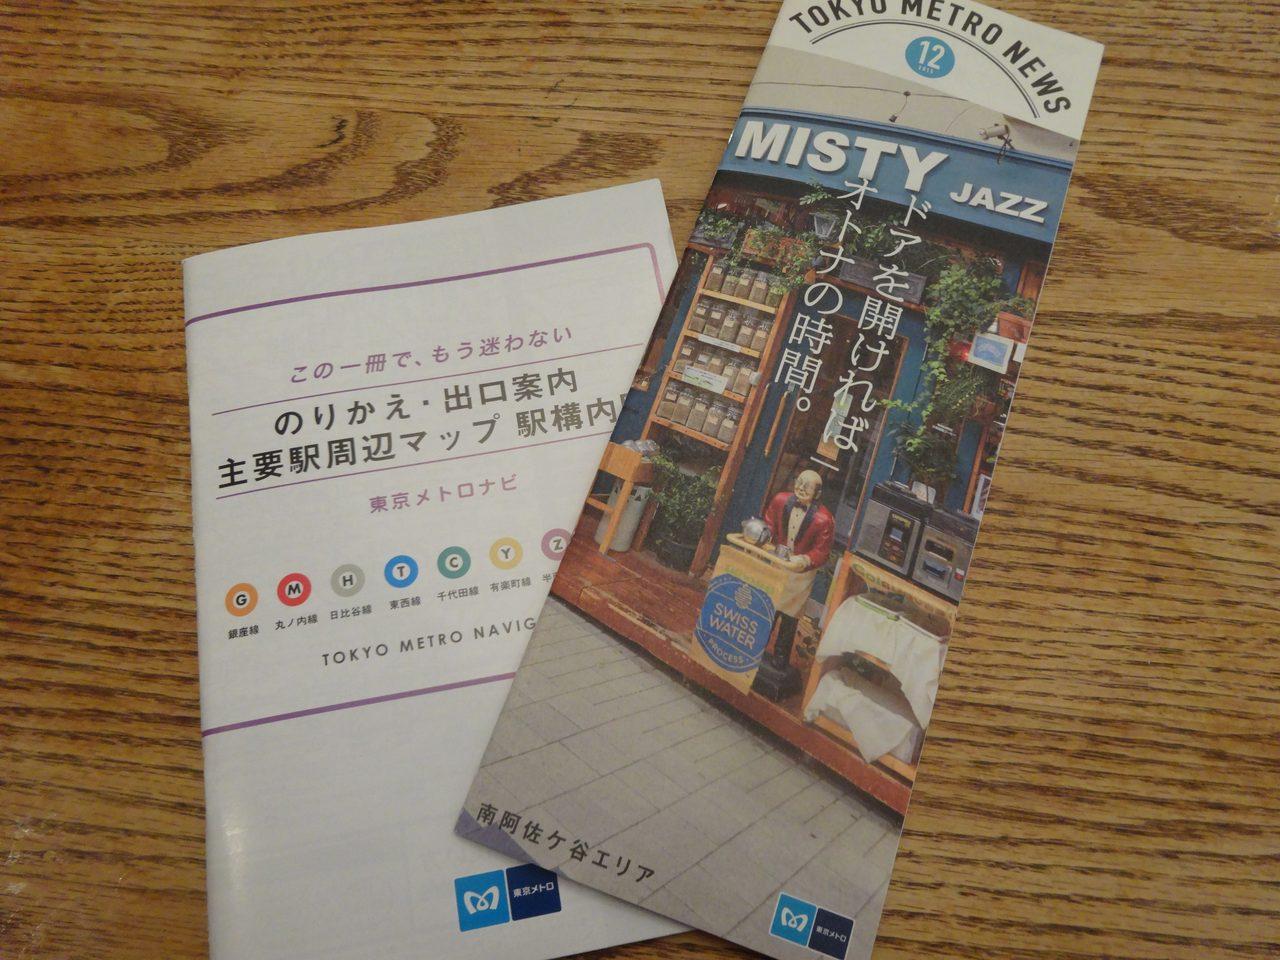 画像2: 地下鉄を使って東京を楽しく